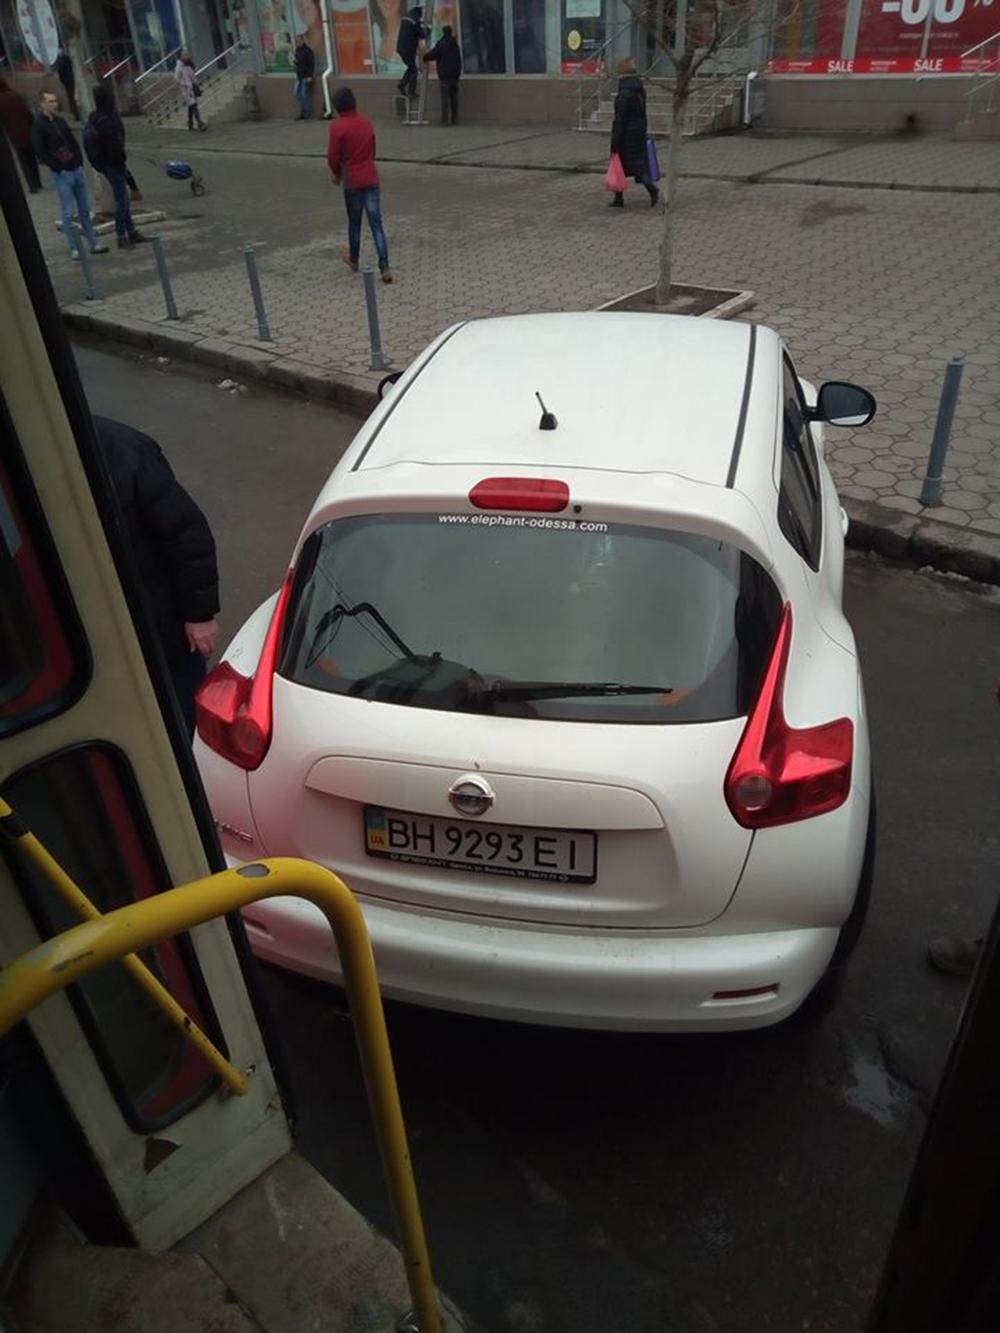 Автохам: одесситы вручную убрали машину с трамвайных путей (фото)